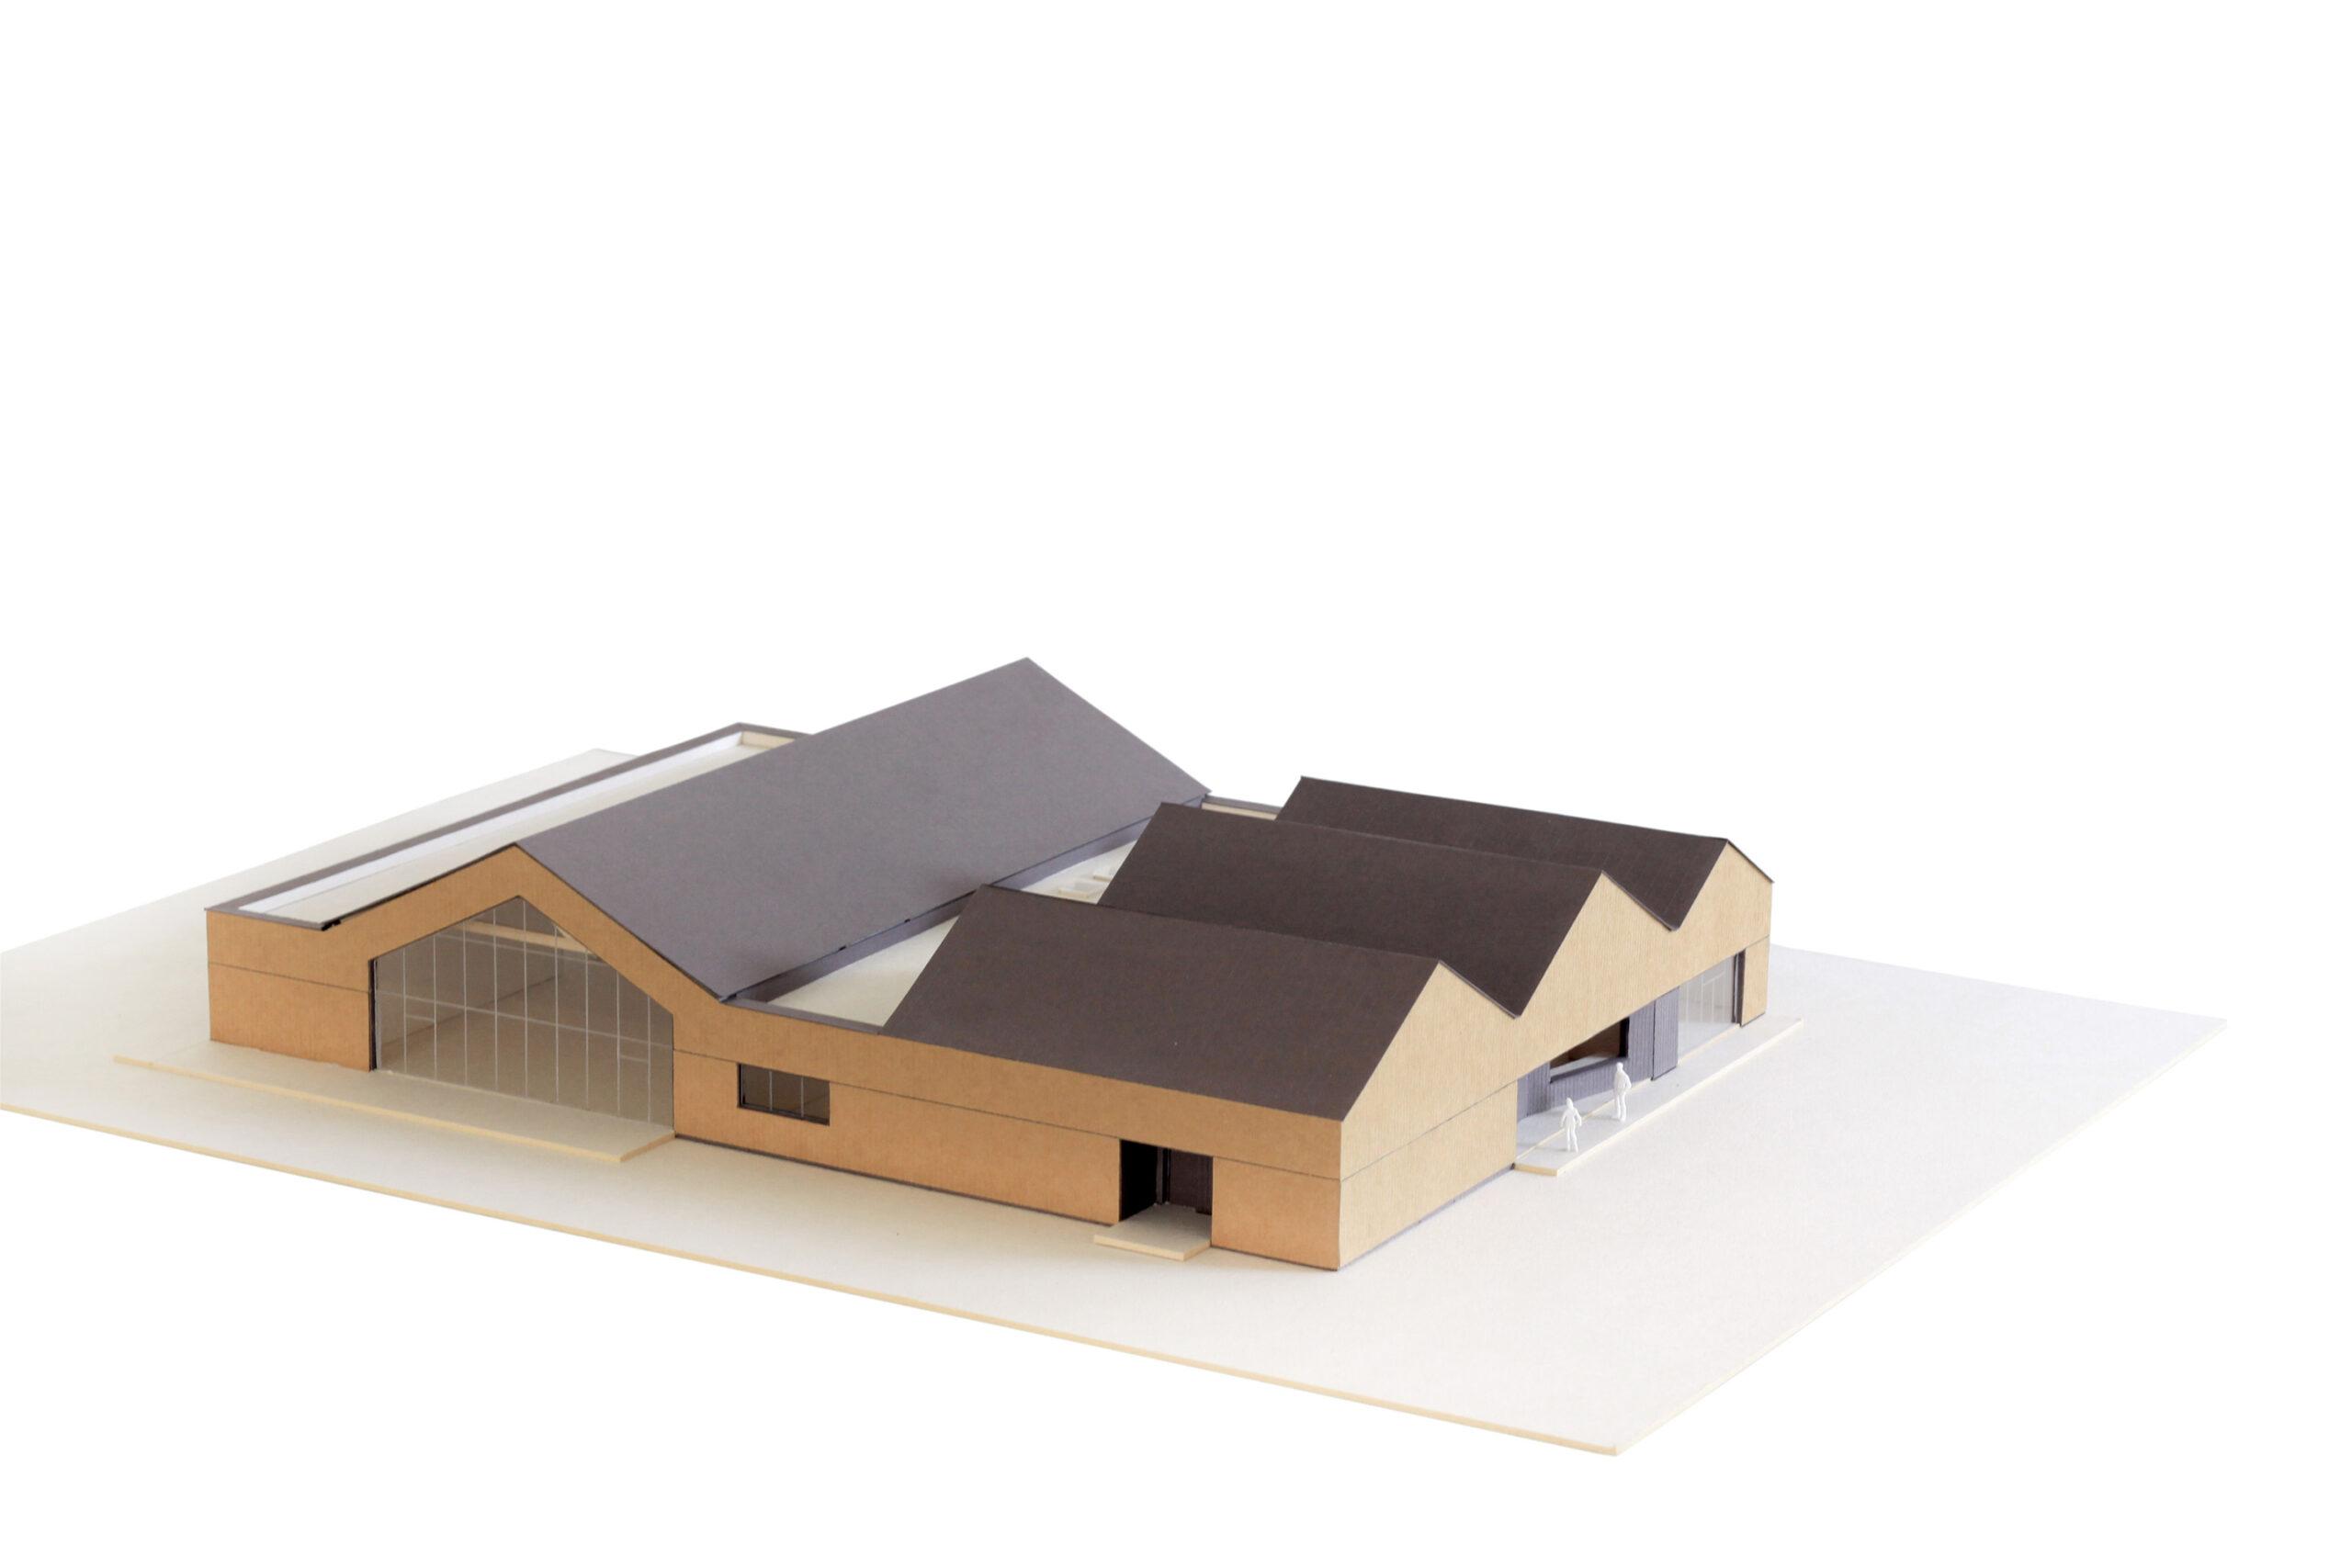 Dom-Weselny-Lubaszka-model-foto-03a-MEEKO